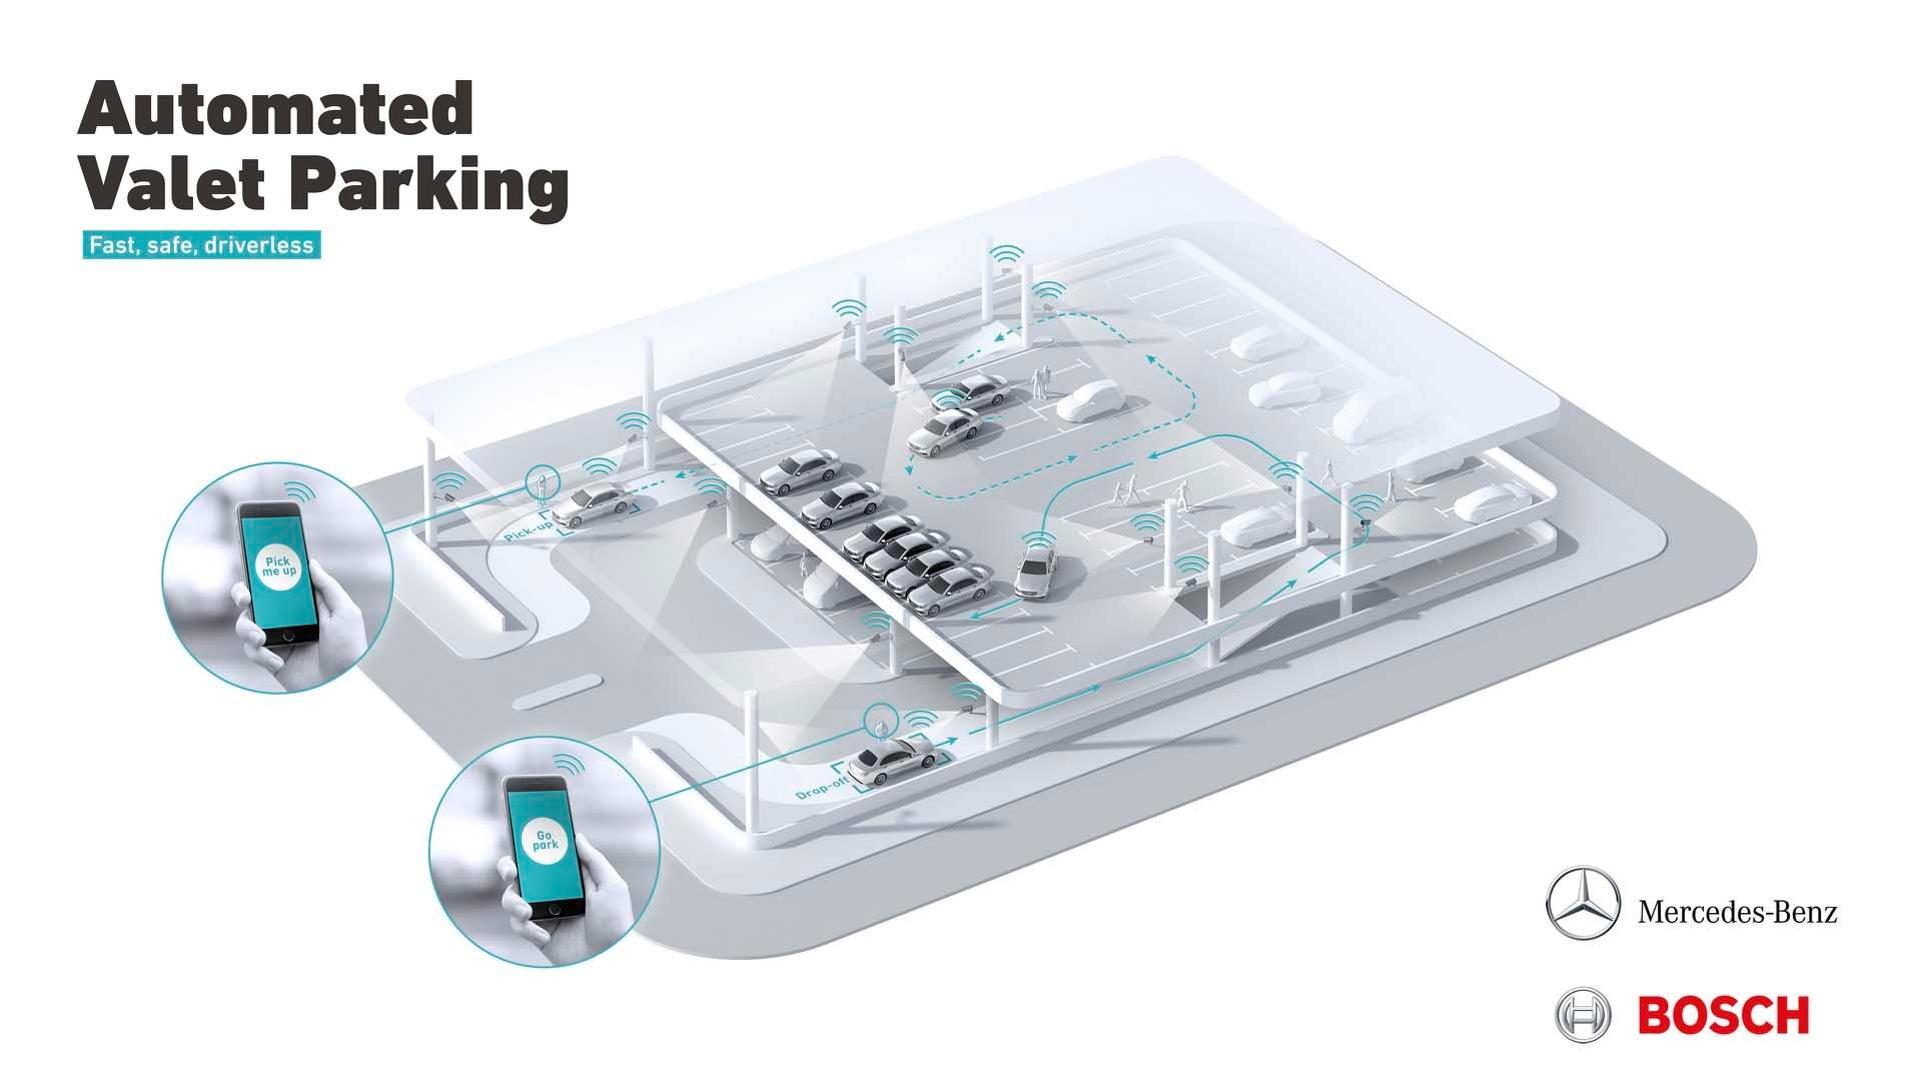 Mercedes već od sledeće godine ima u funkciji parking bez prisustva vozača